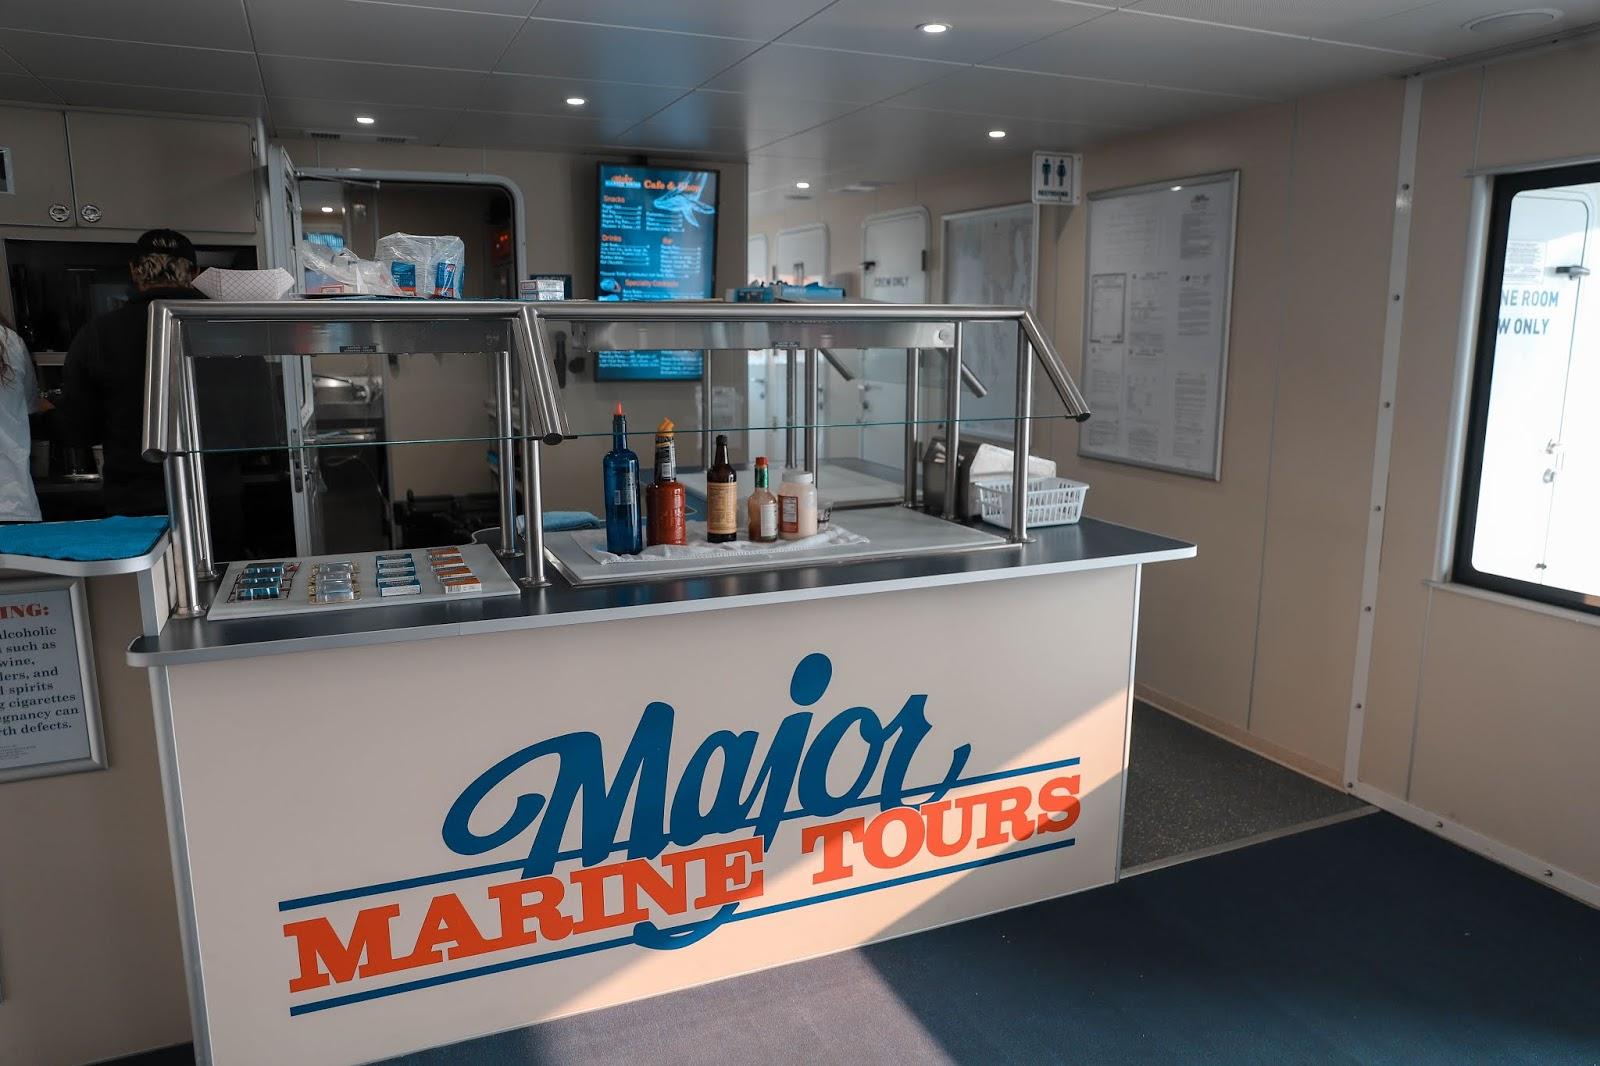 Major Marine Tour Boat, Kenai Fjords